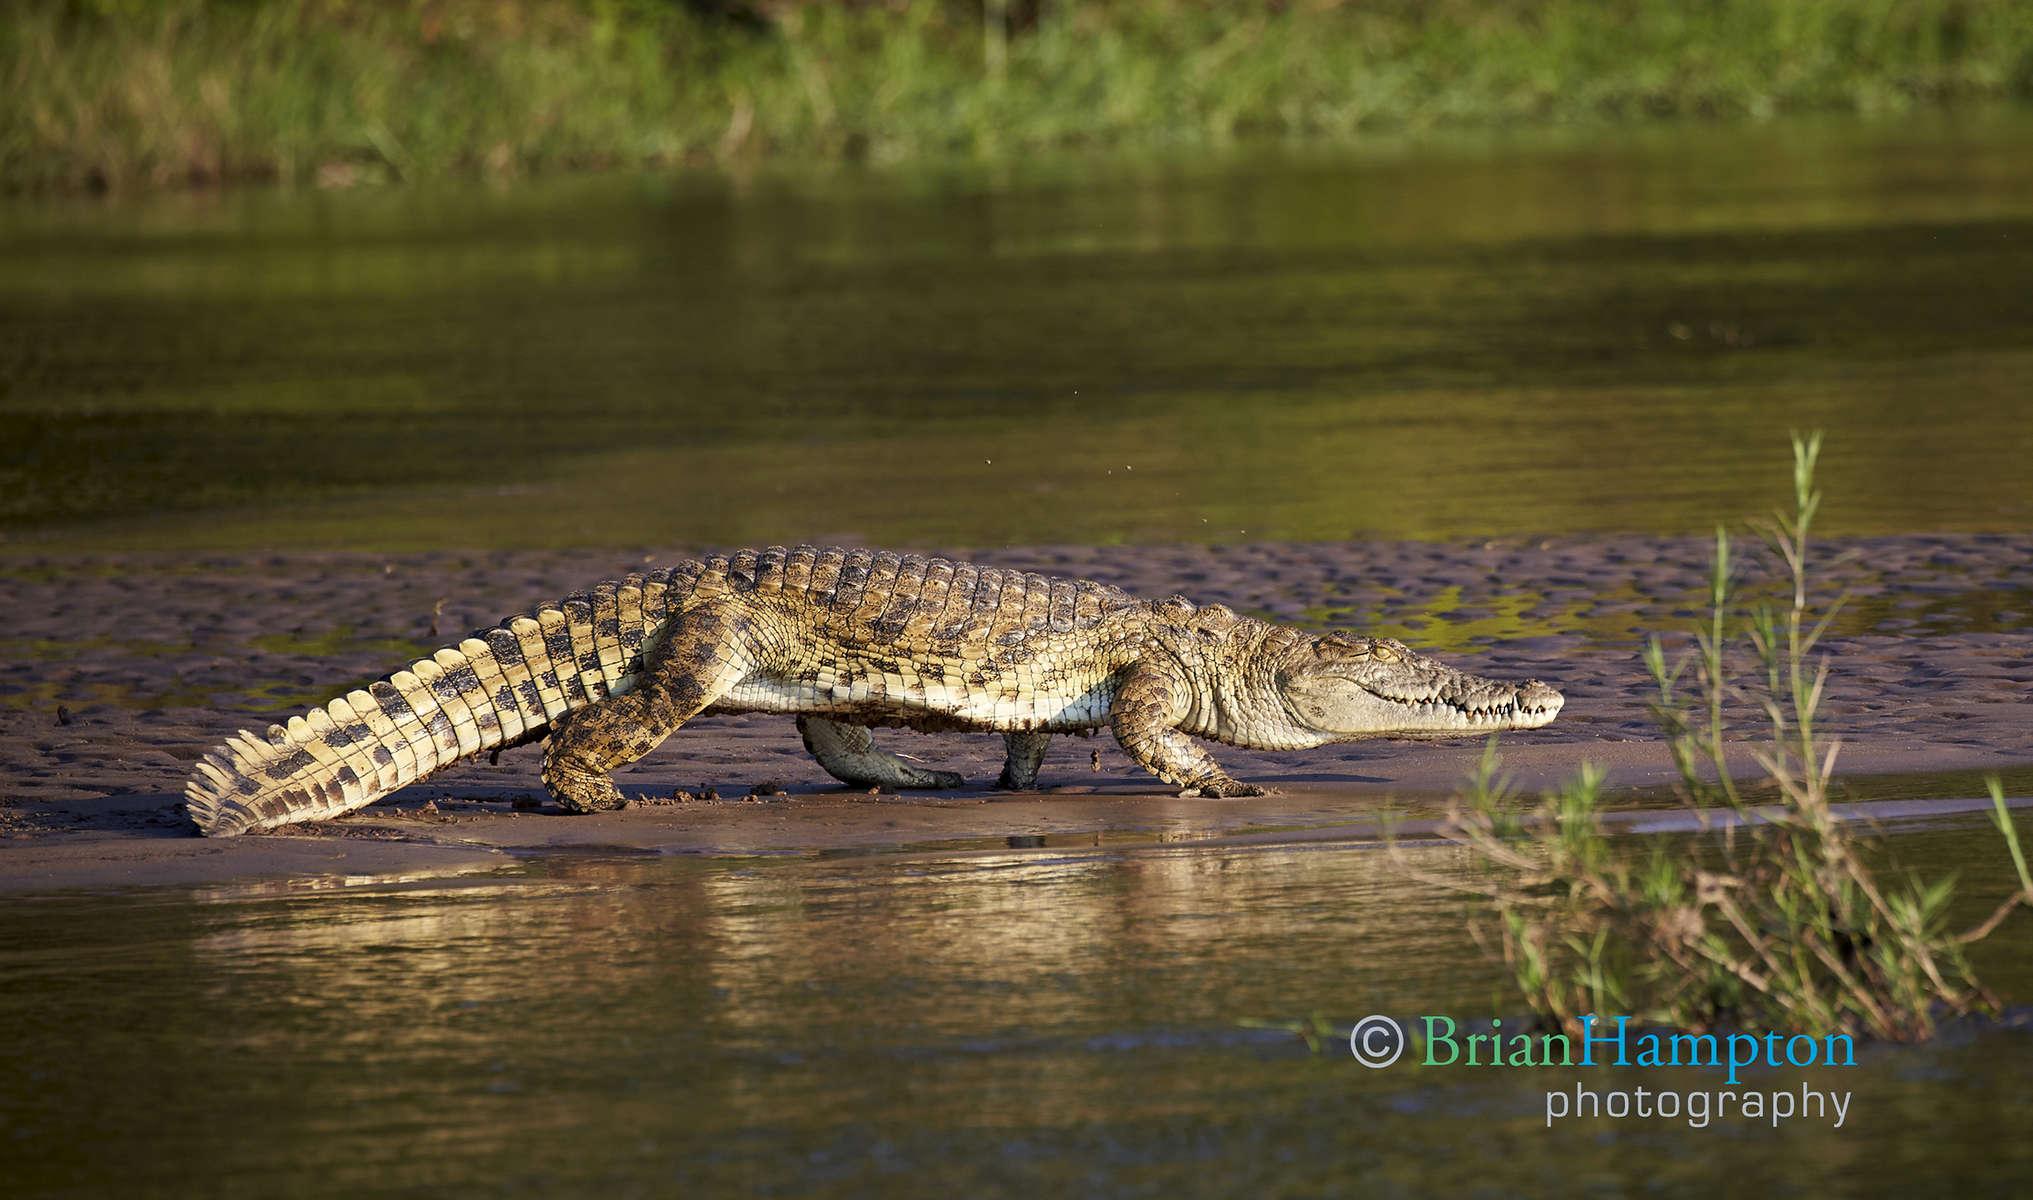 Zambeze Crocodile